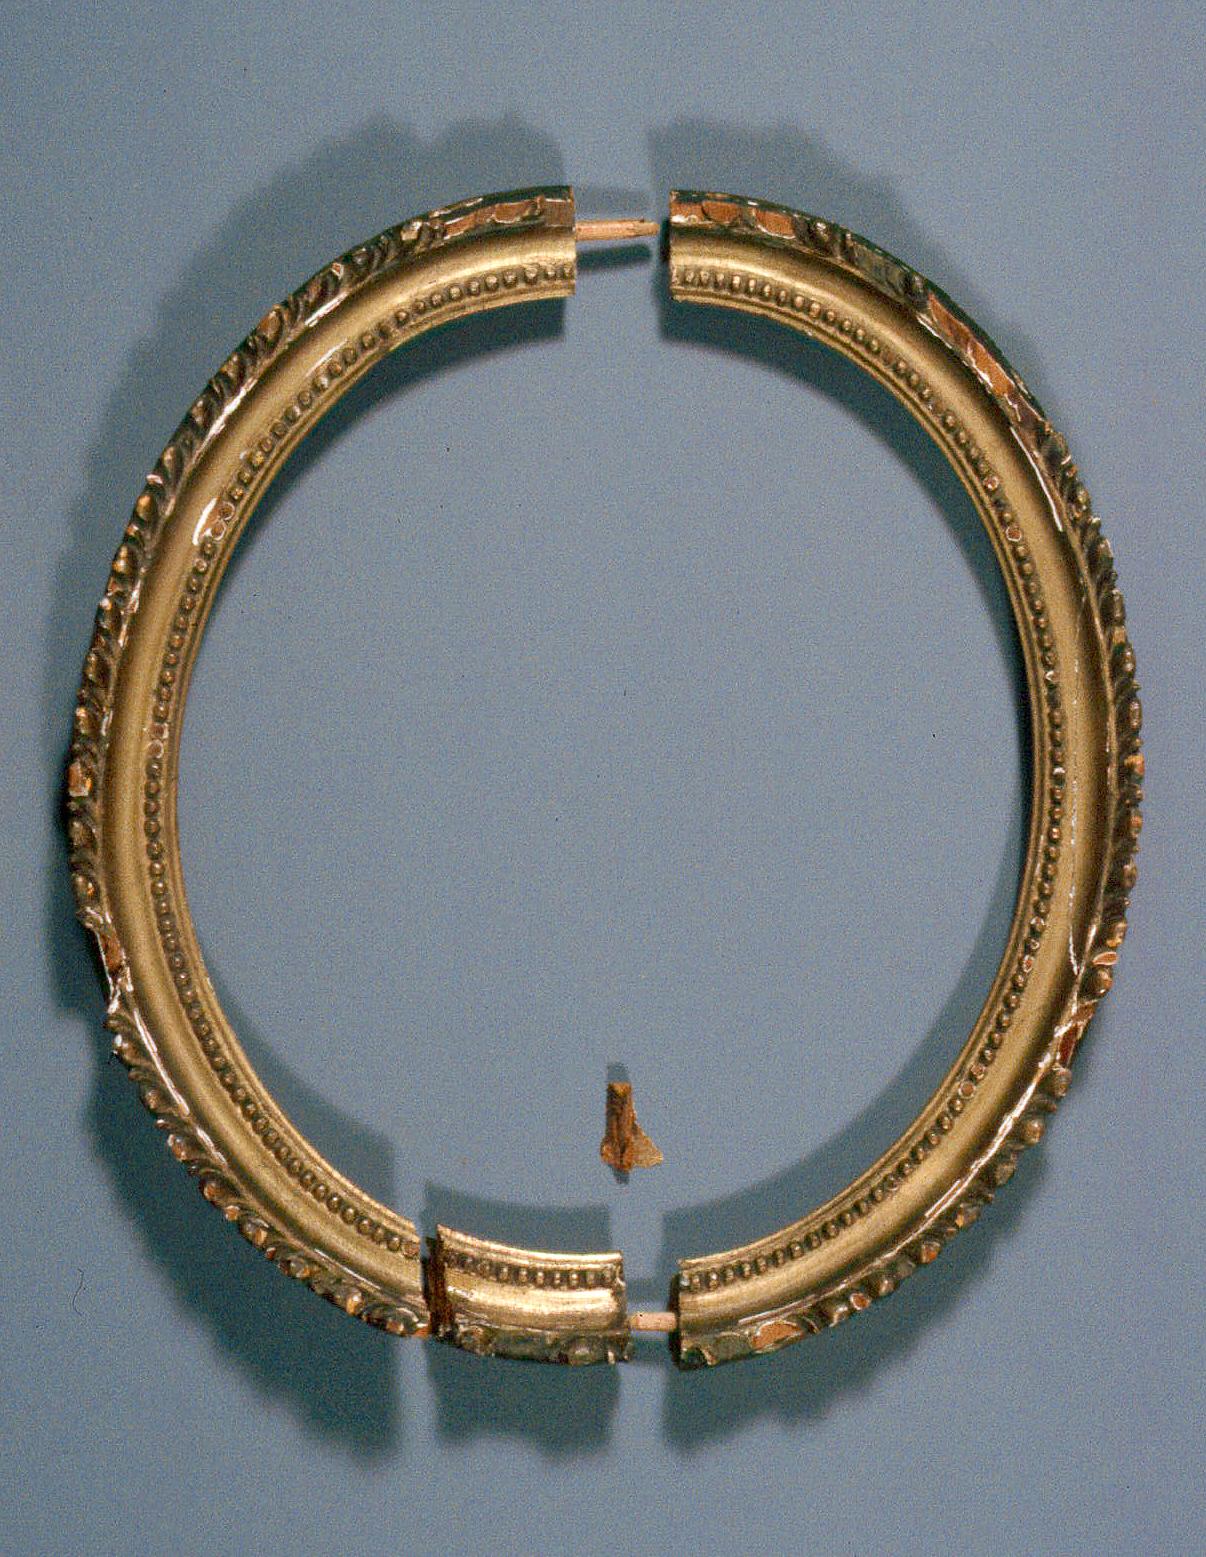 Oval_gilded_frame-01-BT